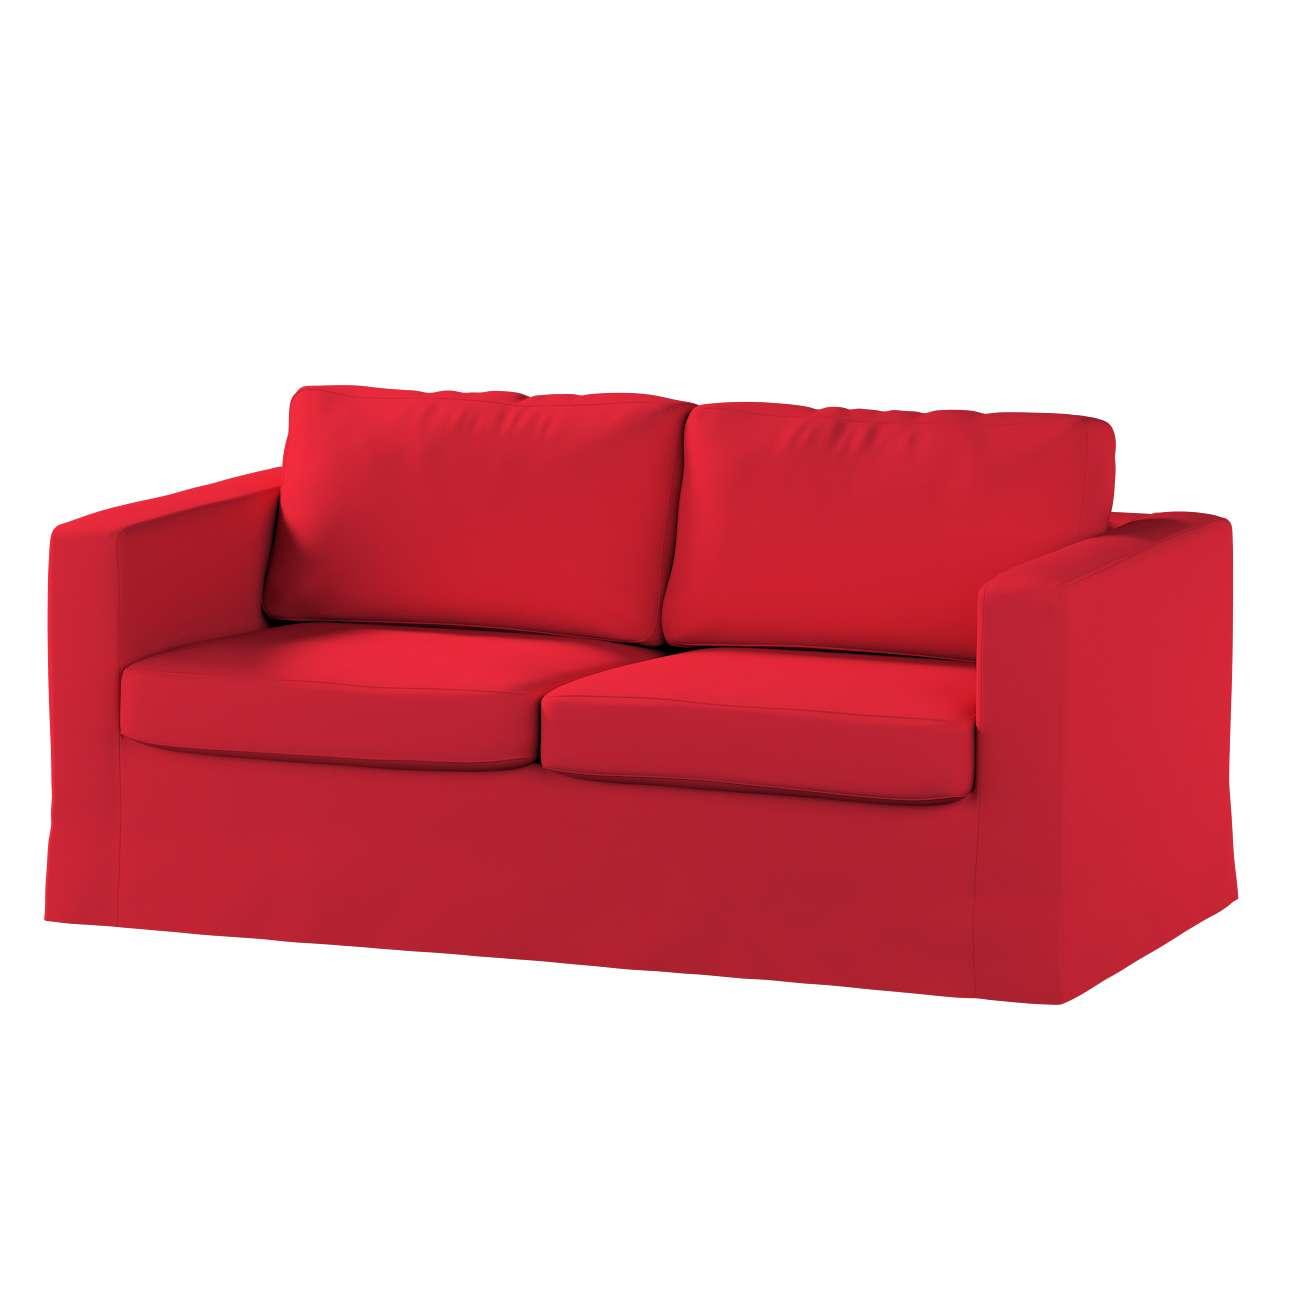 Pokrowiec na sofę Karlstad 2-osobową nierozkładaną długi Sofa Karlstad 2-osobowa w kolekcji Cotton Panama, tkanina: 702-04